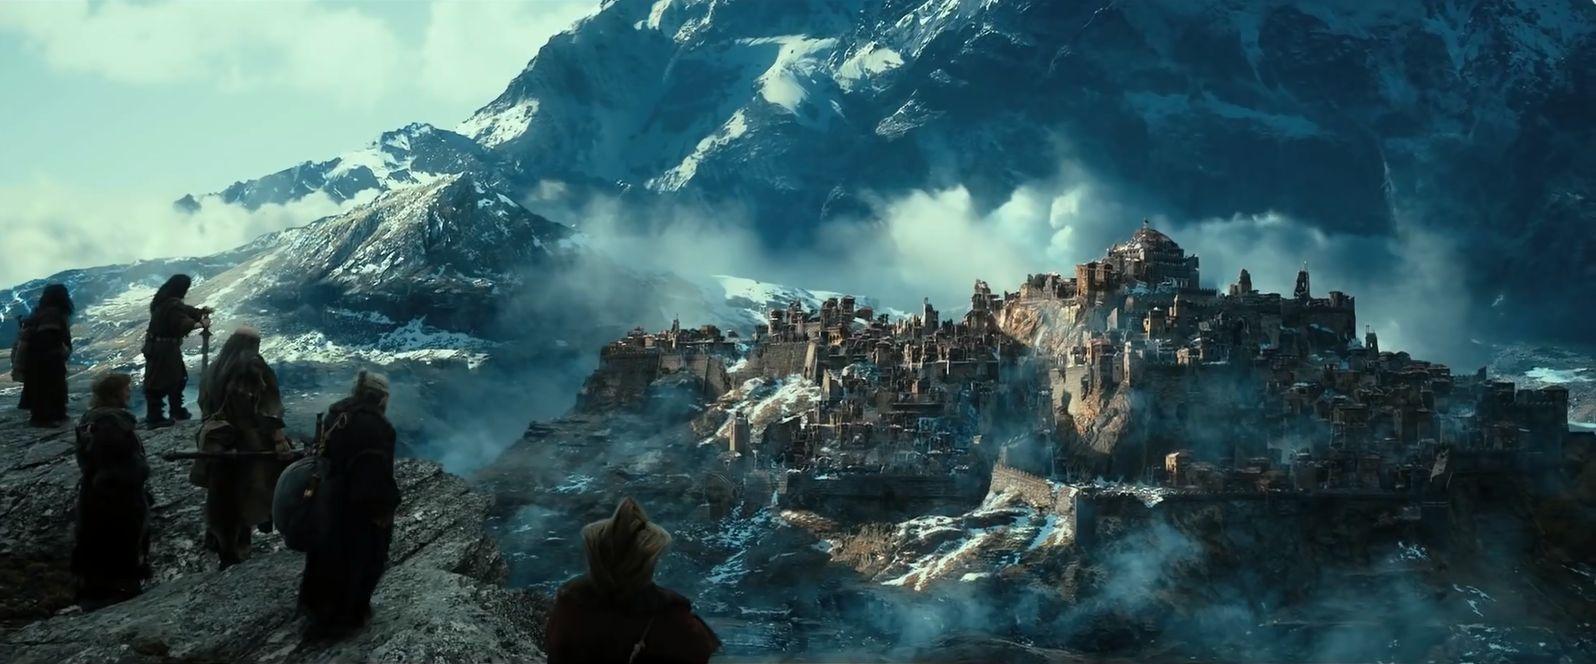 ¿Qué ciudad destruyo Smaug antes de conquistar Erebor?